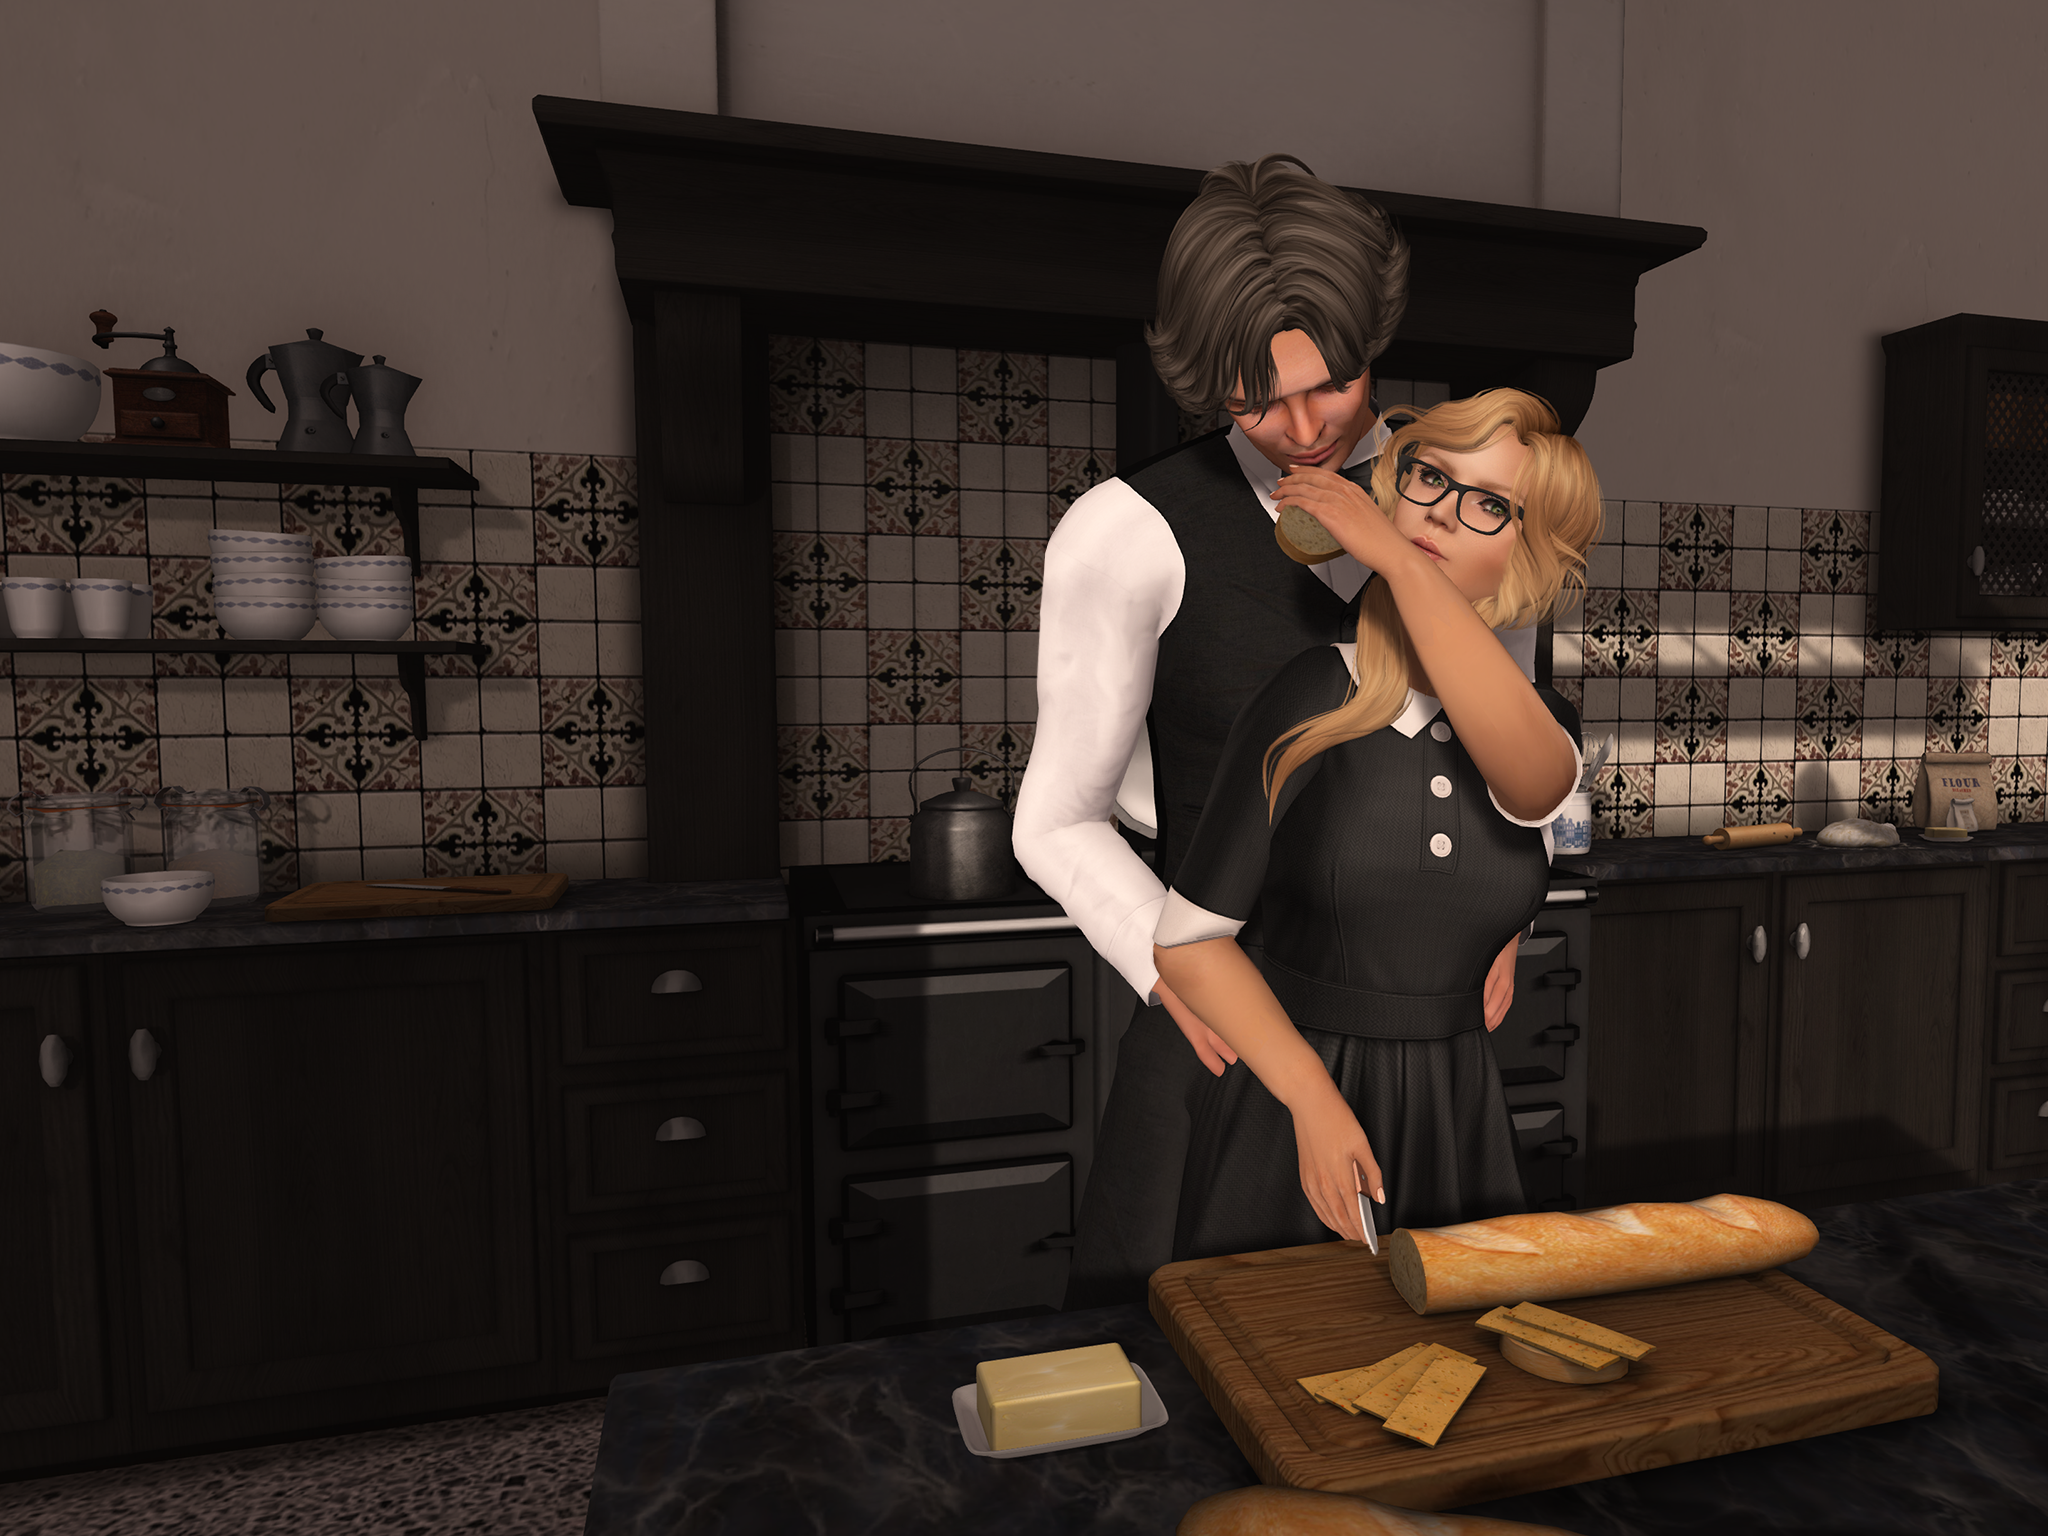 kitchen taste